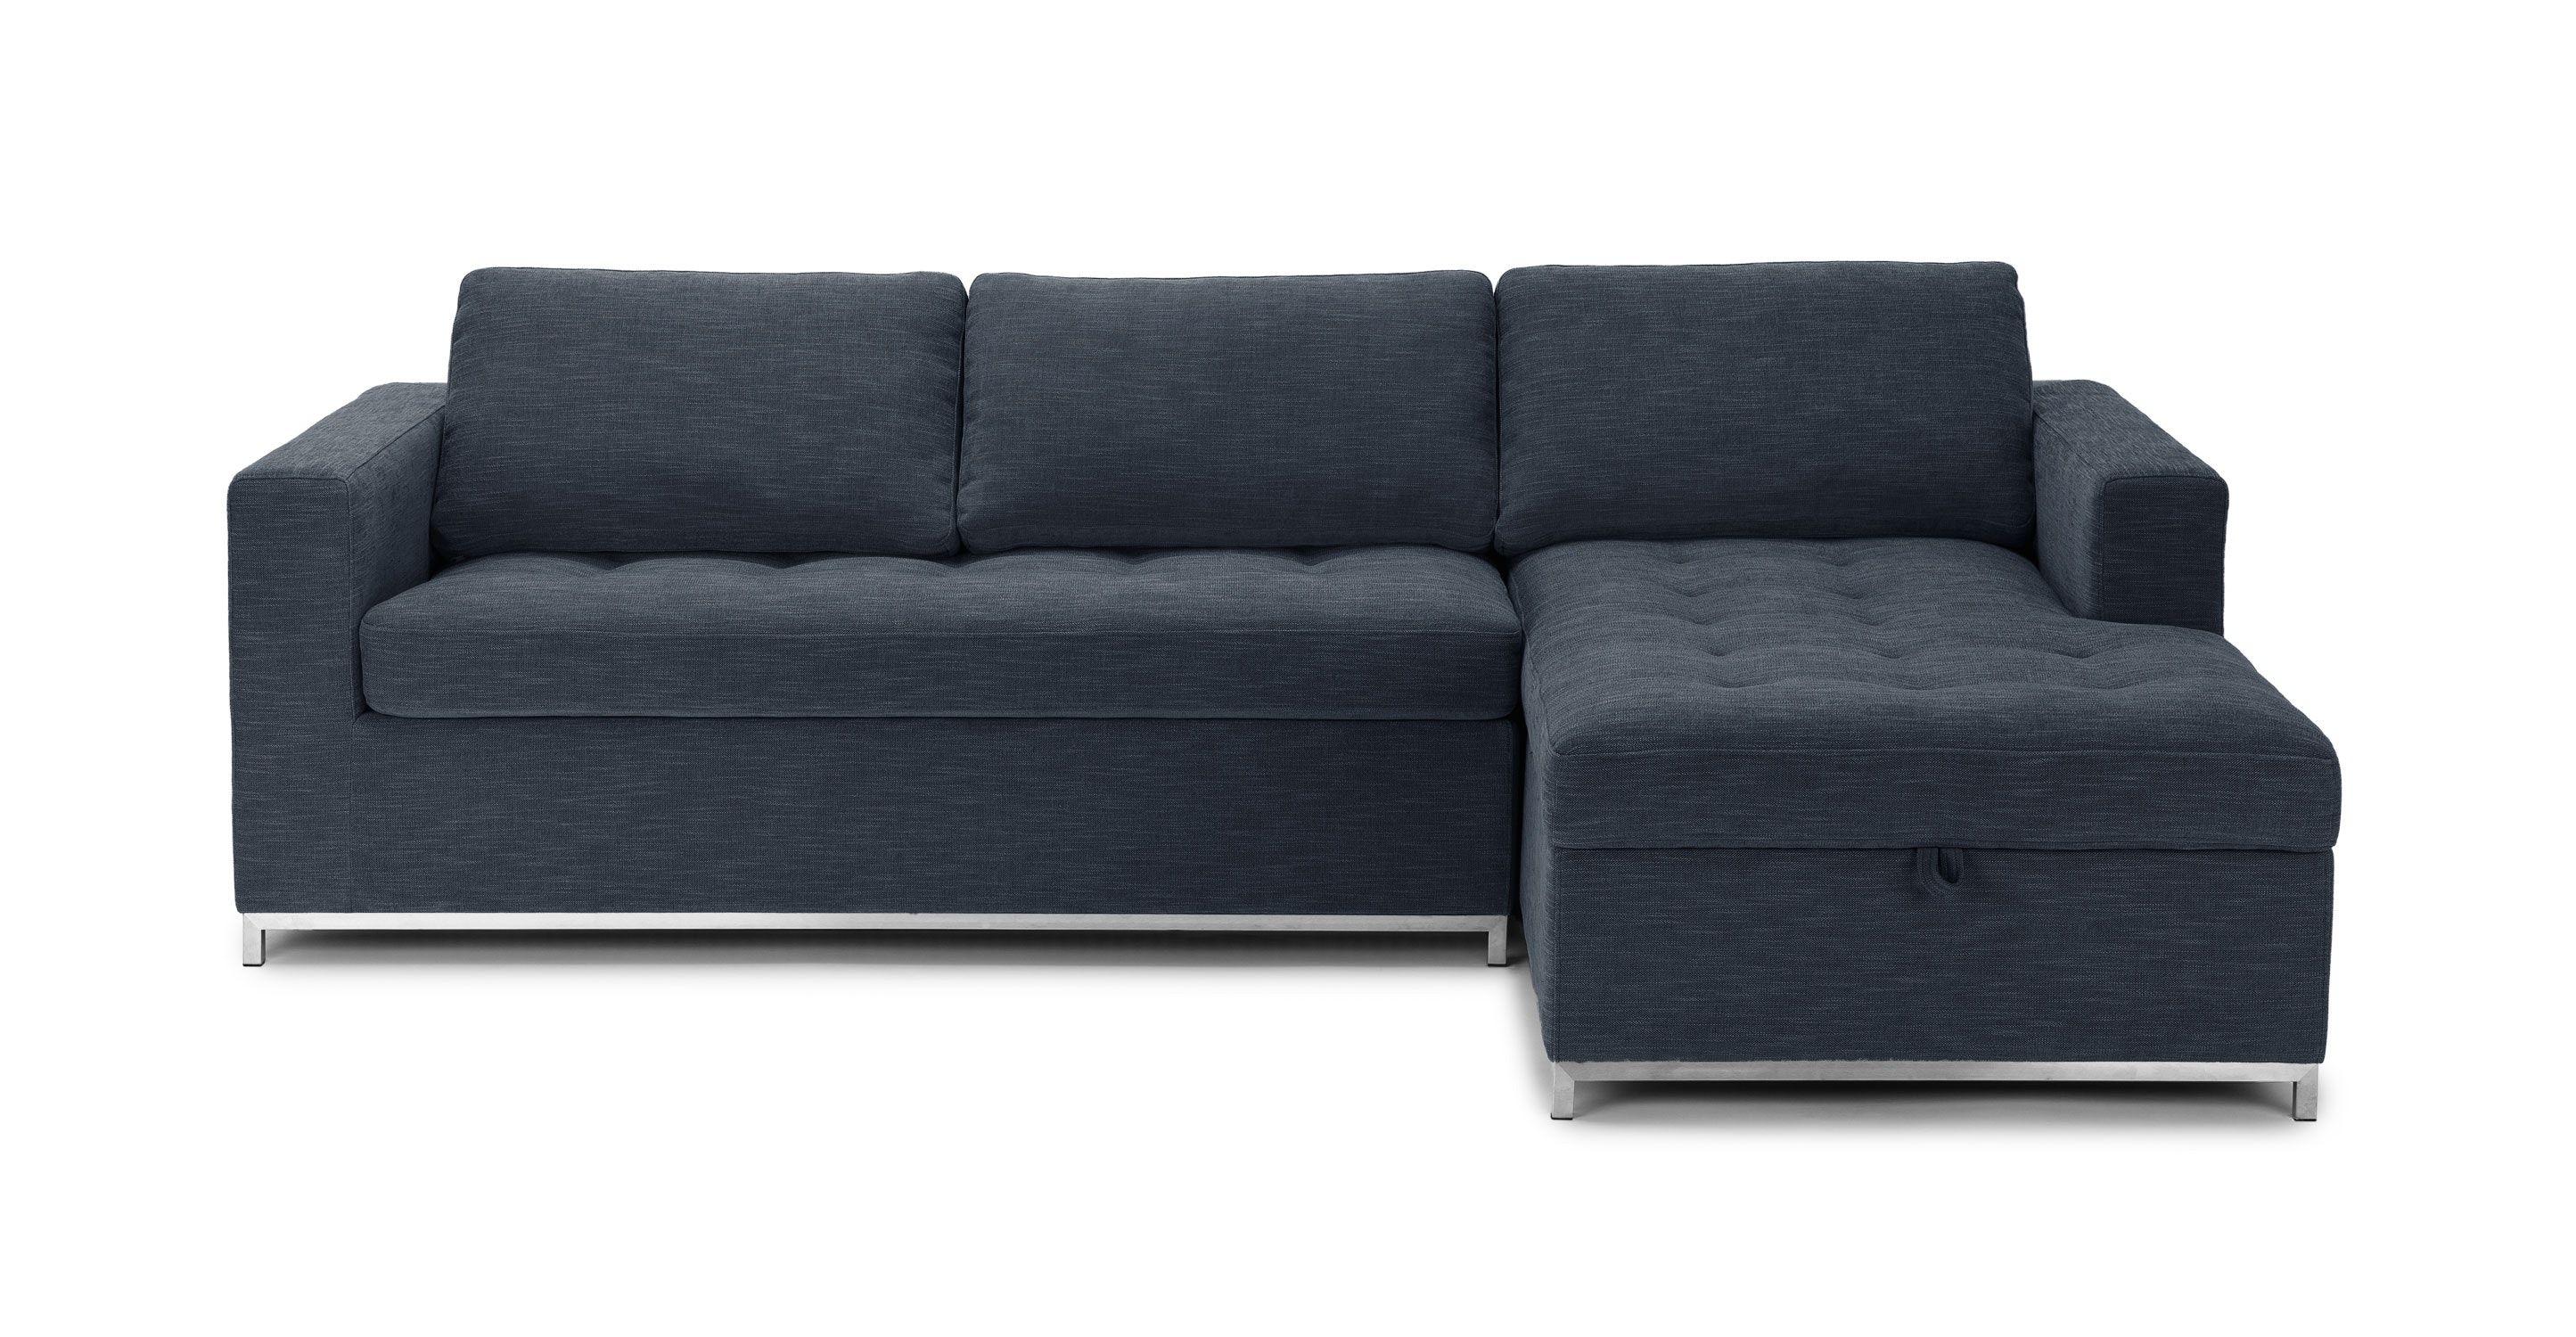 Soma Midnight Blue Right Sofa Bed